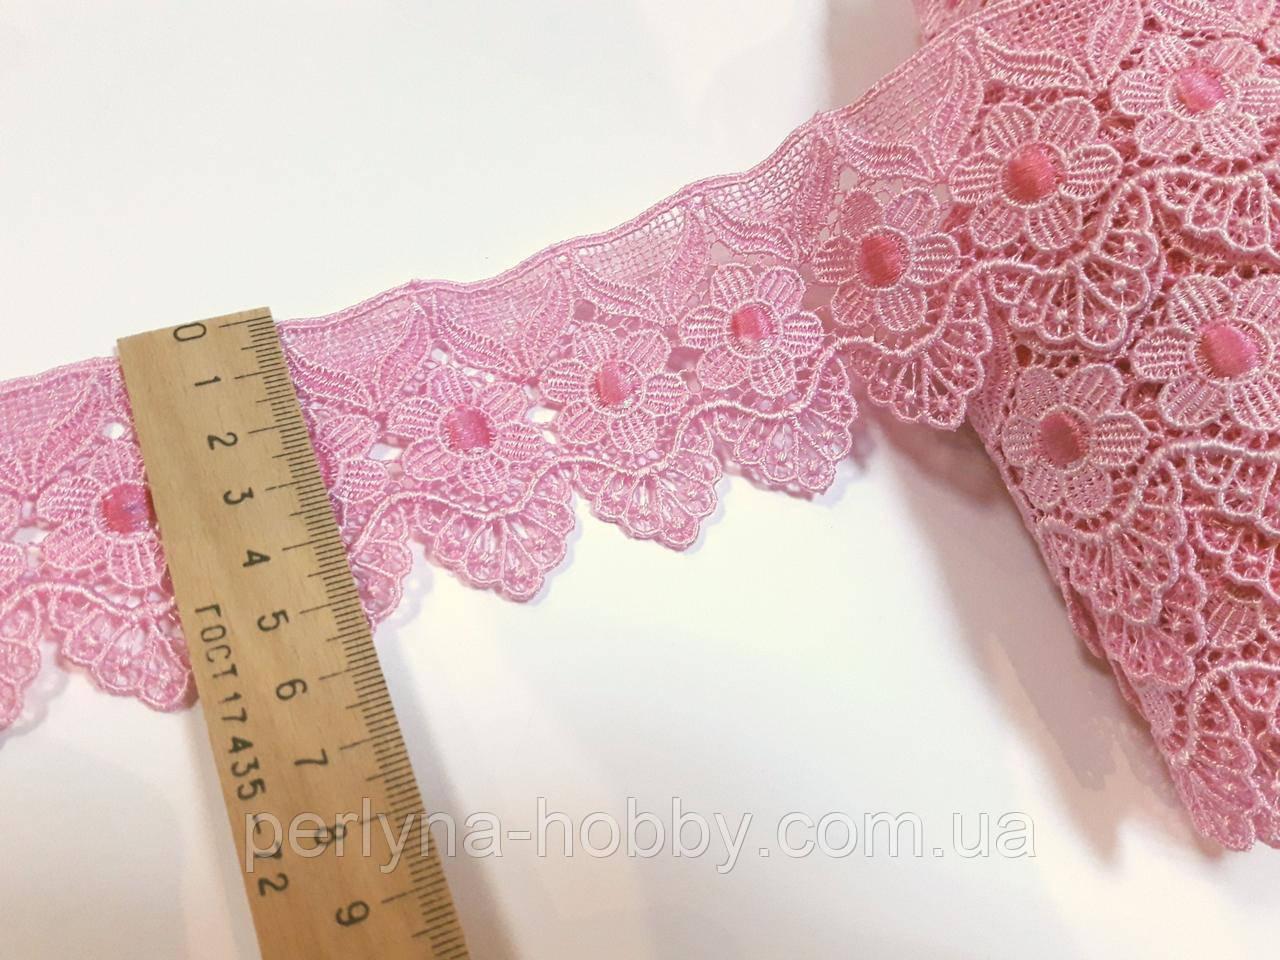 Мереживо кружево макраме 5.5 см. Рожеве. Пакістан. Ціна за 1 метр